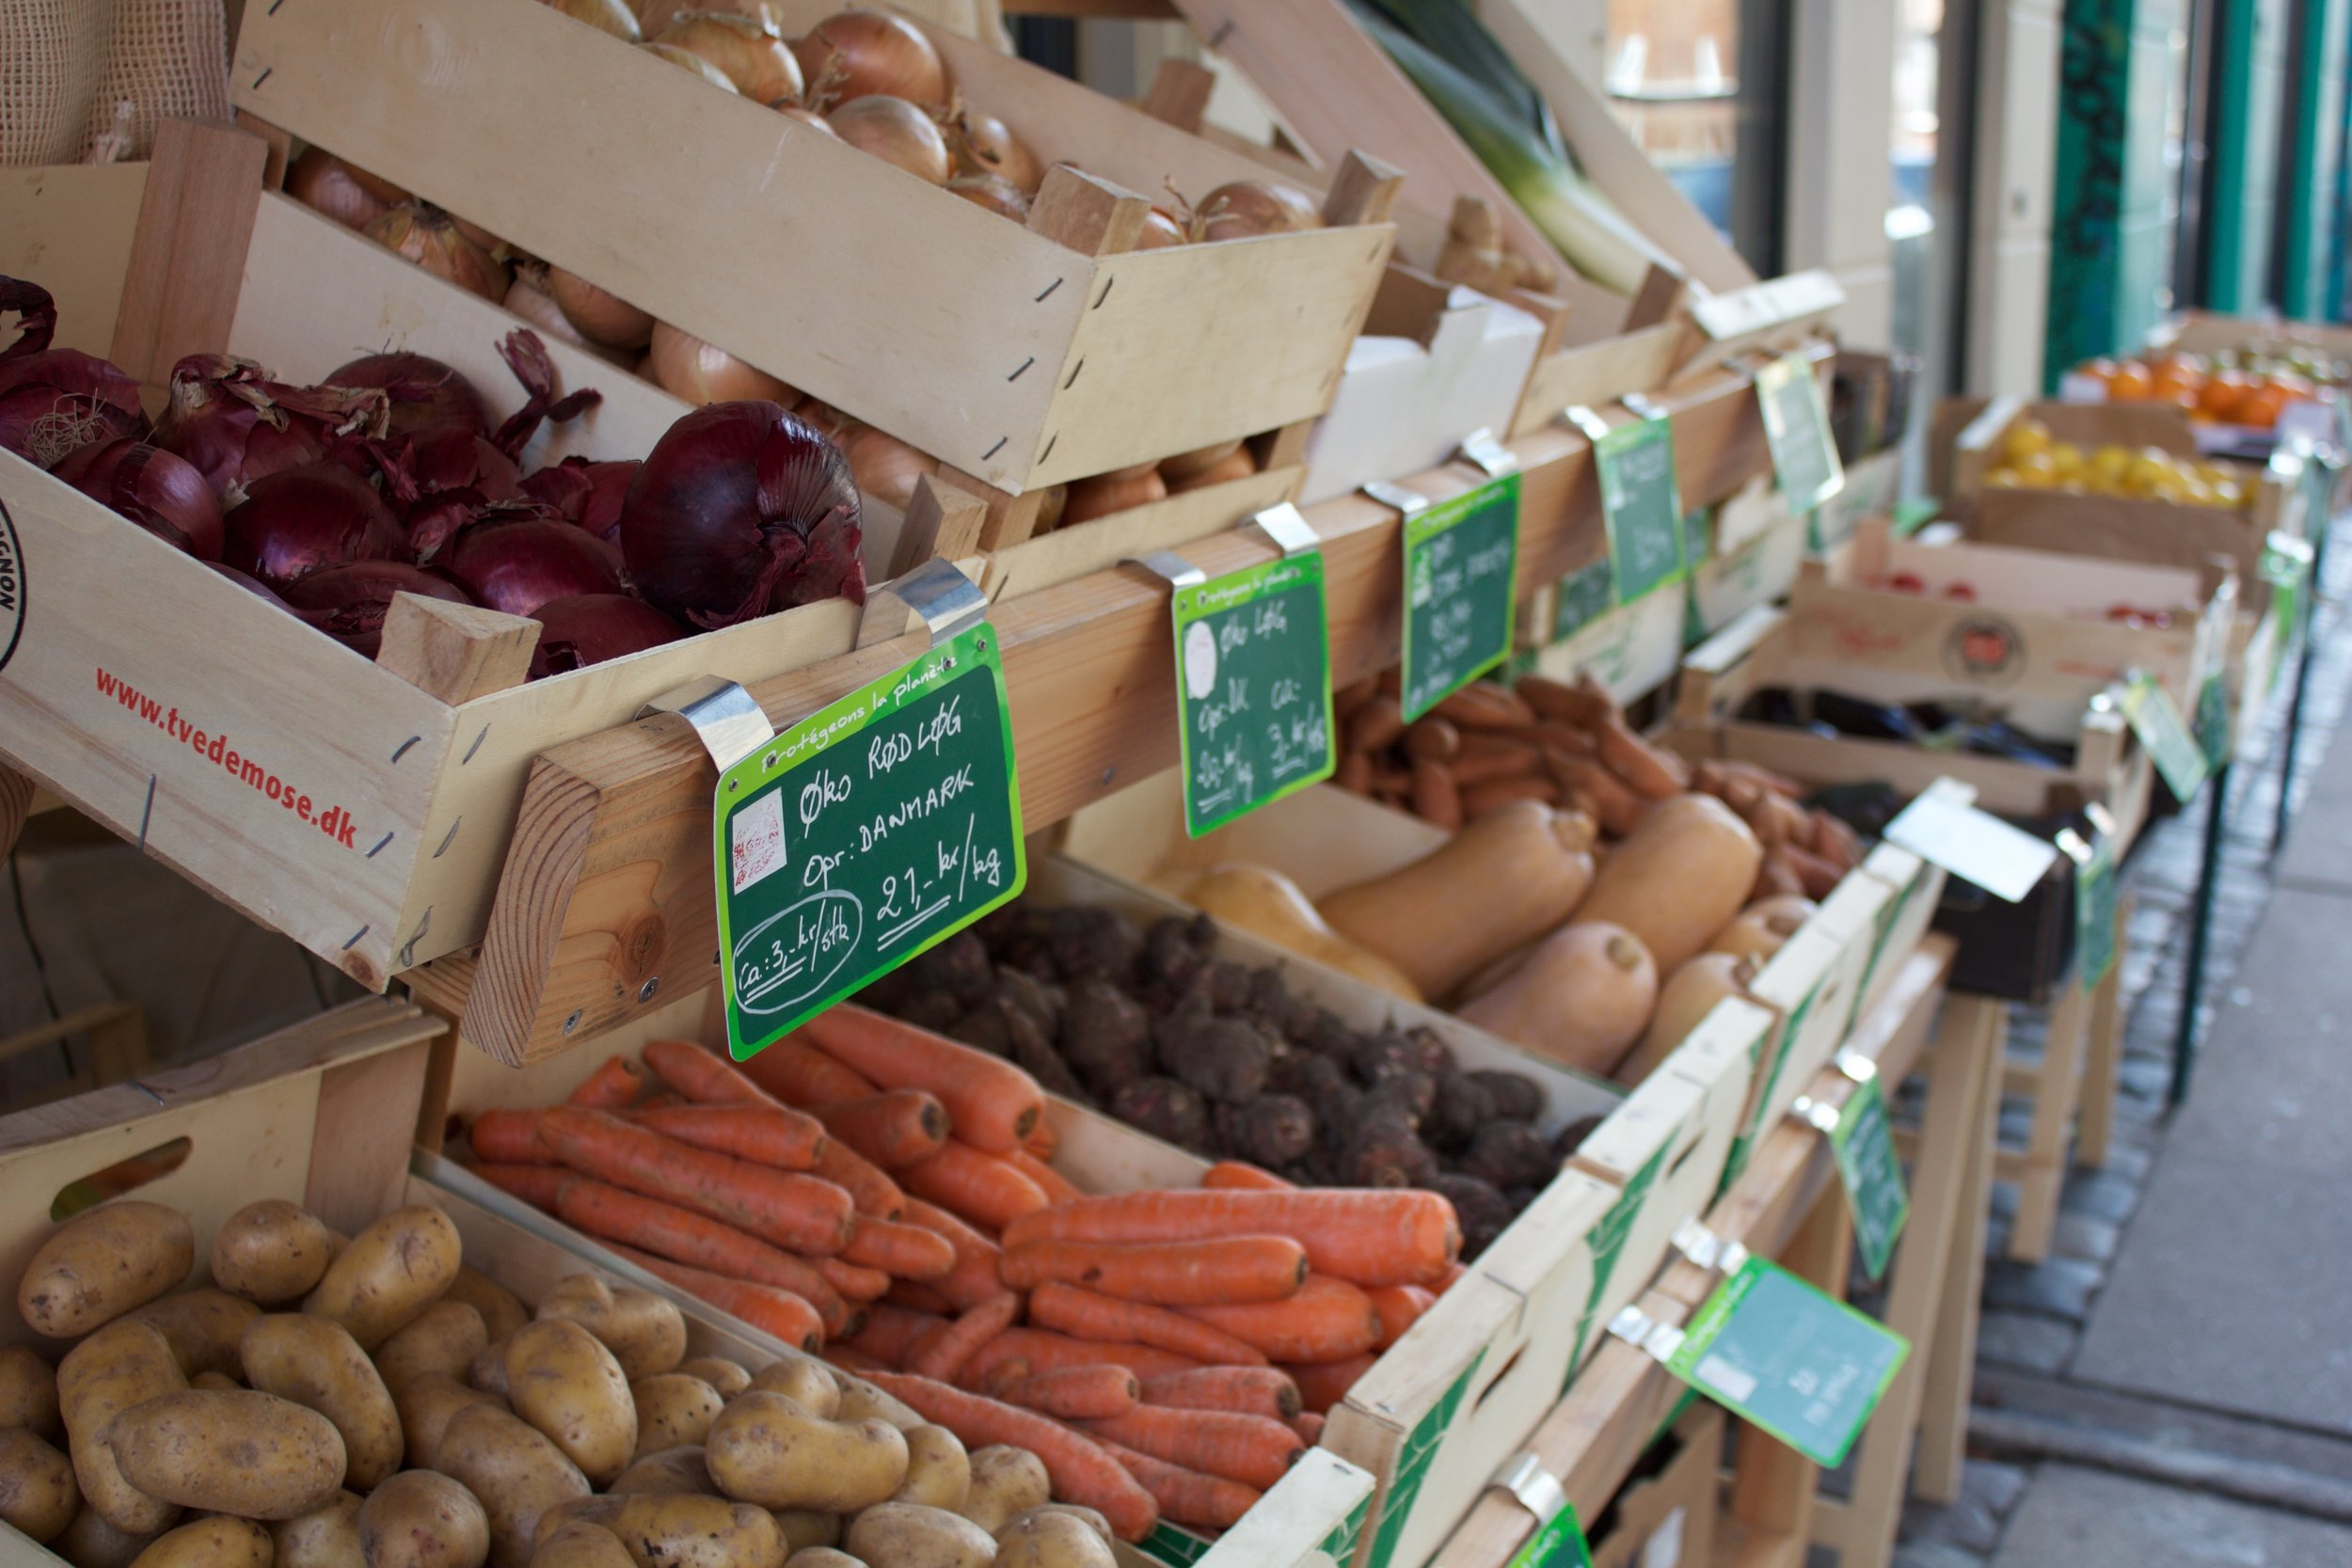 groent_loesmarket